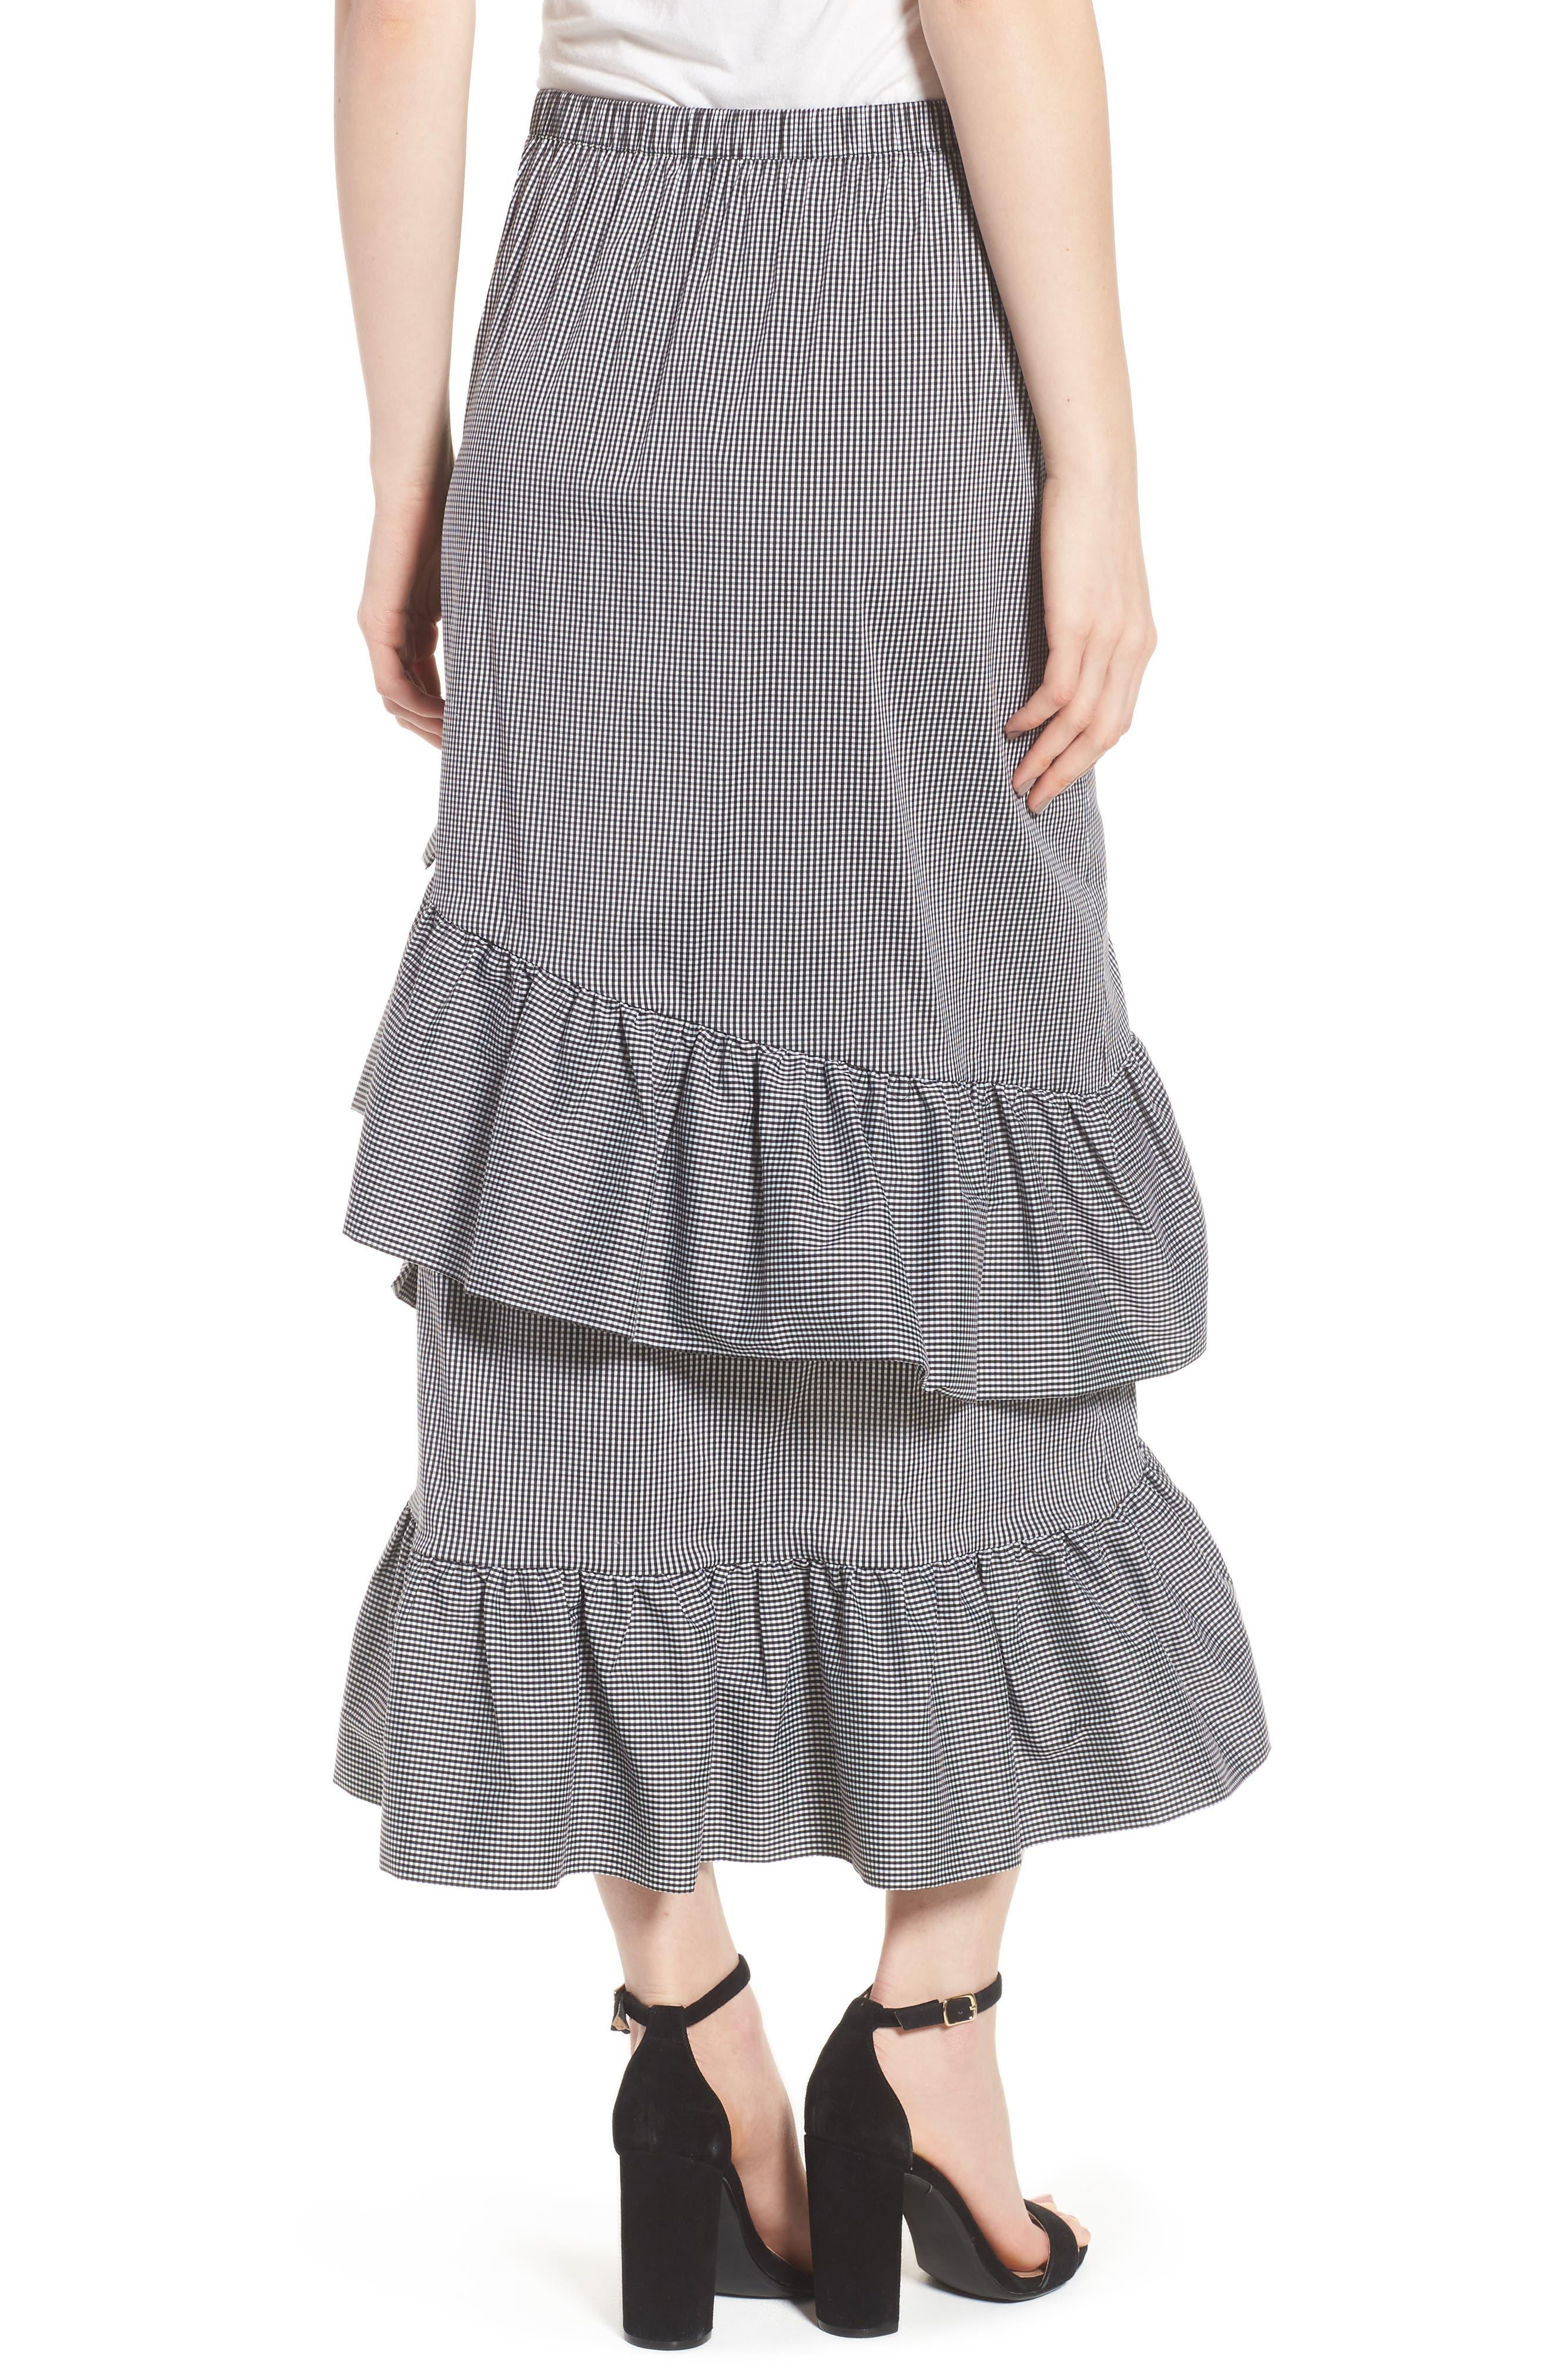 Gingham Ruffle Skirt,                             Alternate thumbnail 2, color,                             Black- White Mini Gingham